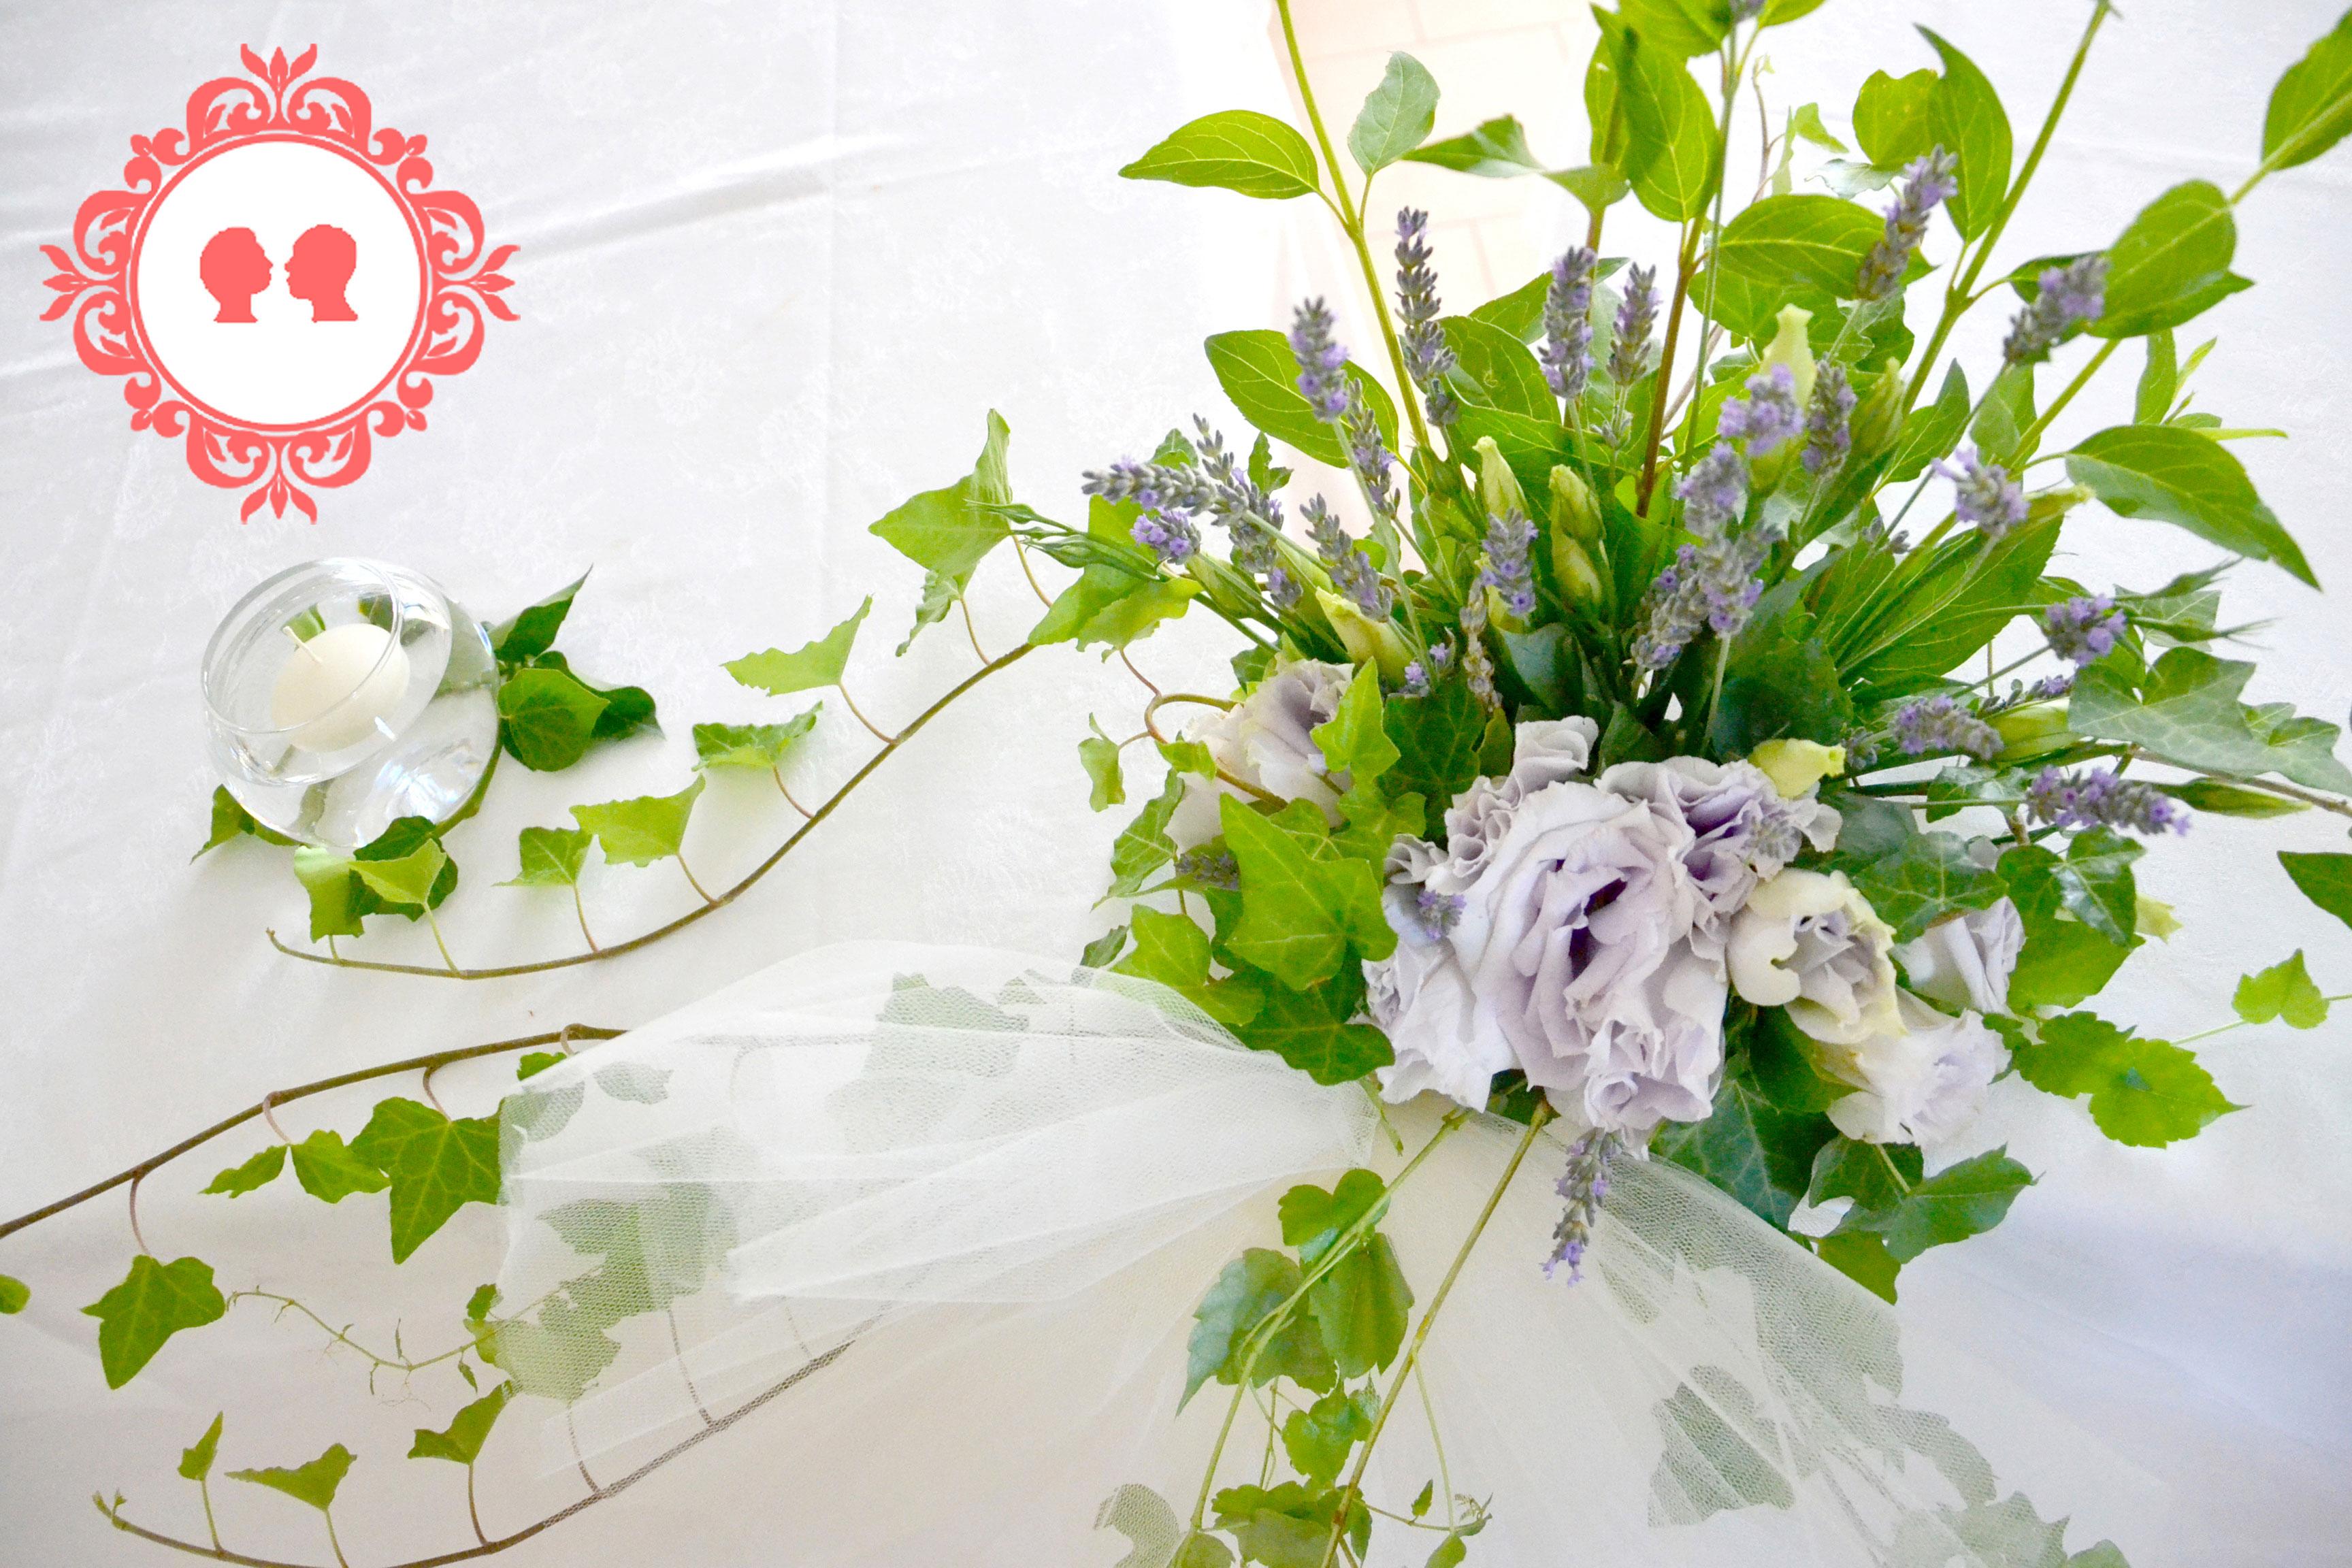 centrotavola con lavanda e edera ricevimento matrimonio solidale a Bologna in Comunità